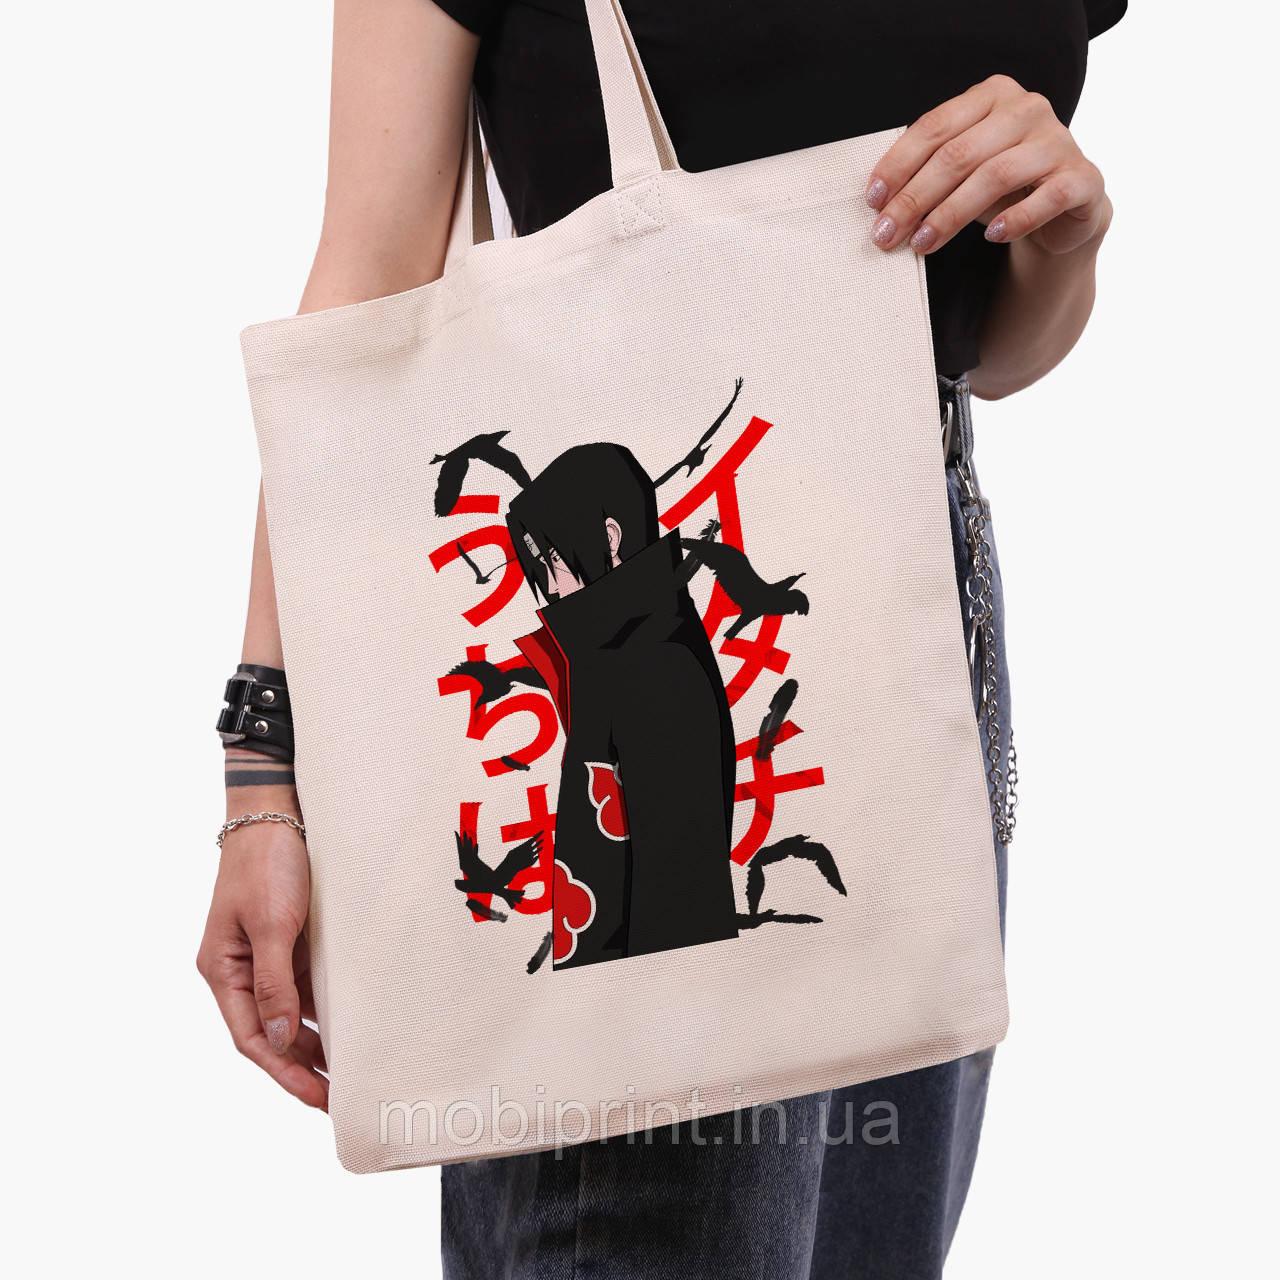 Эко сумка шоппер Итачи Учиха Наруто (Itachi Uchiha) (9227-2817)  41*35 см